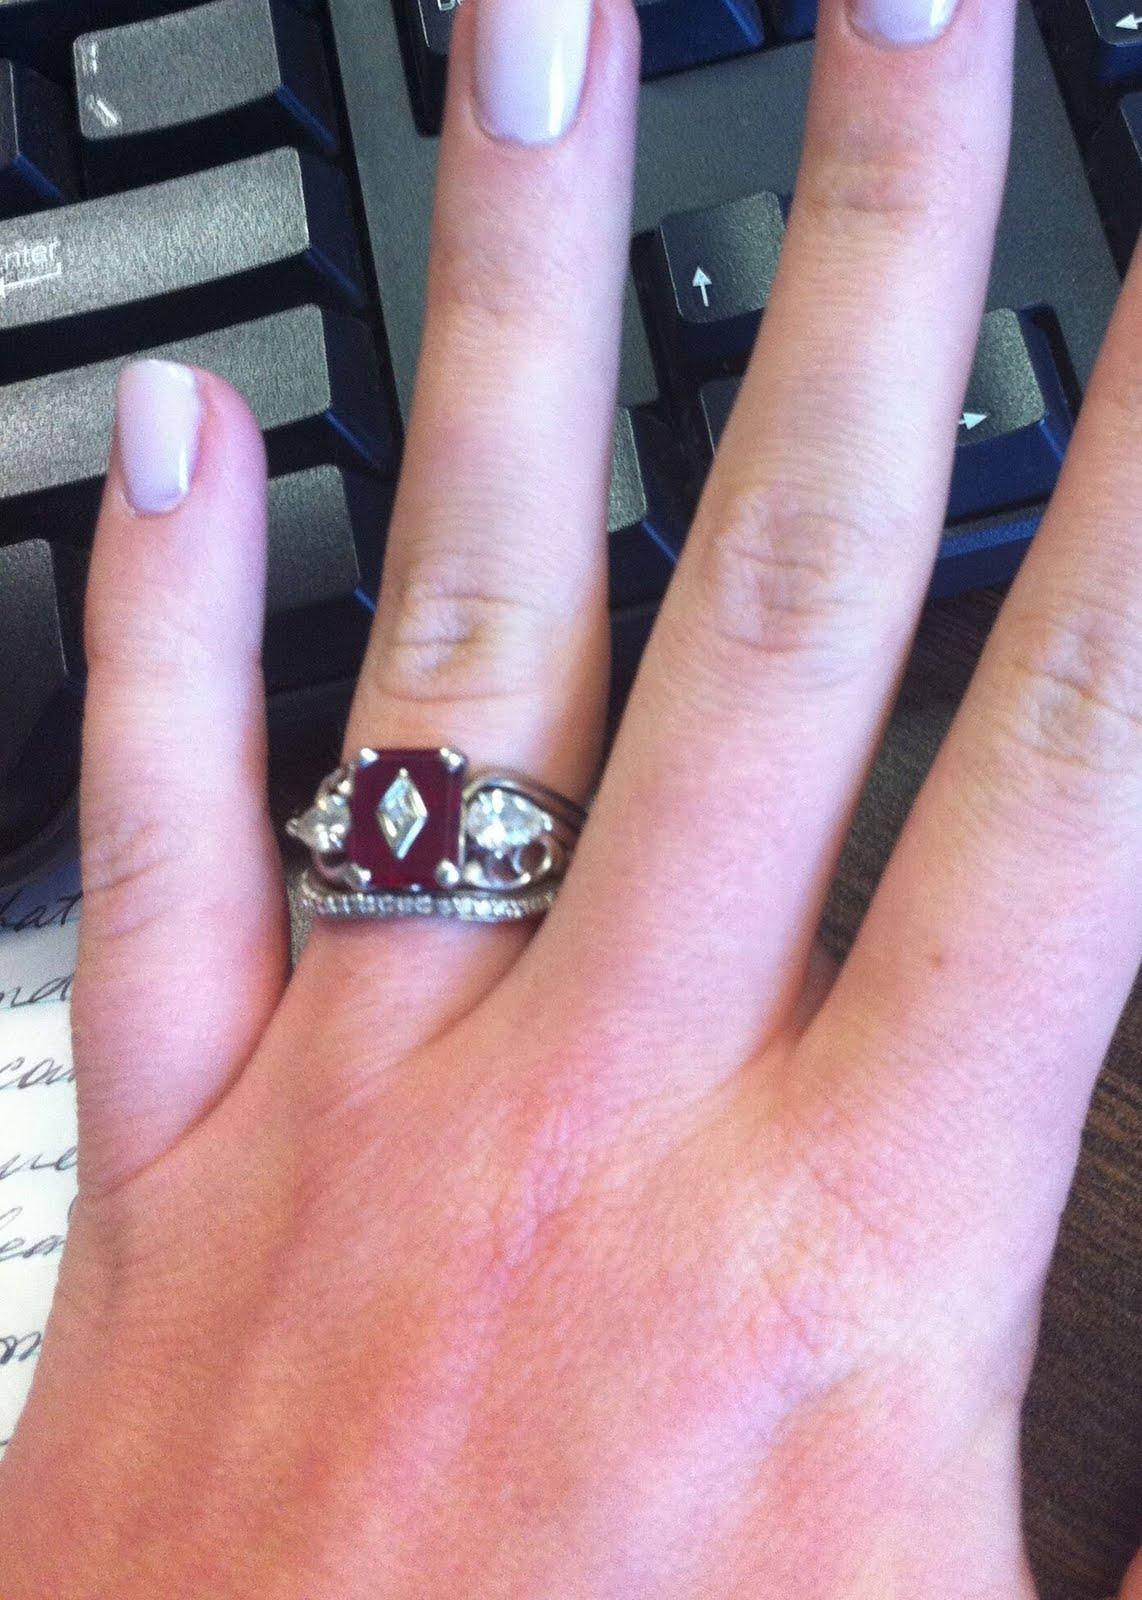 Kanyon and Erika My Wedding Ring